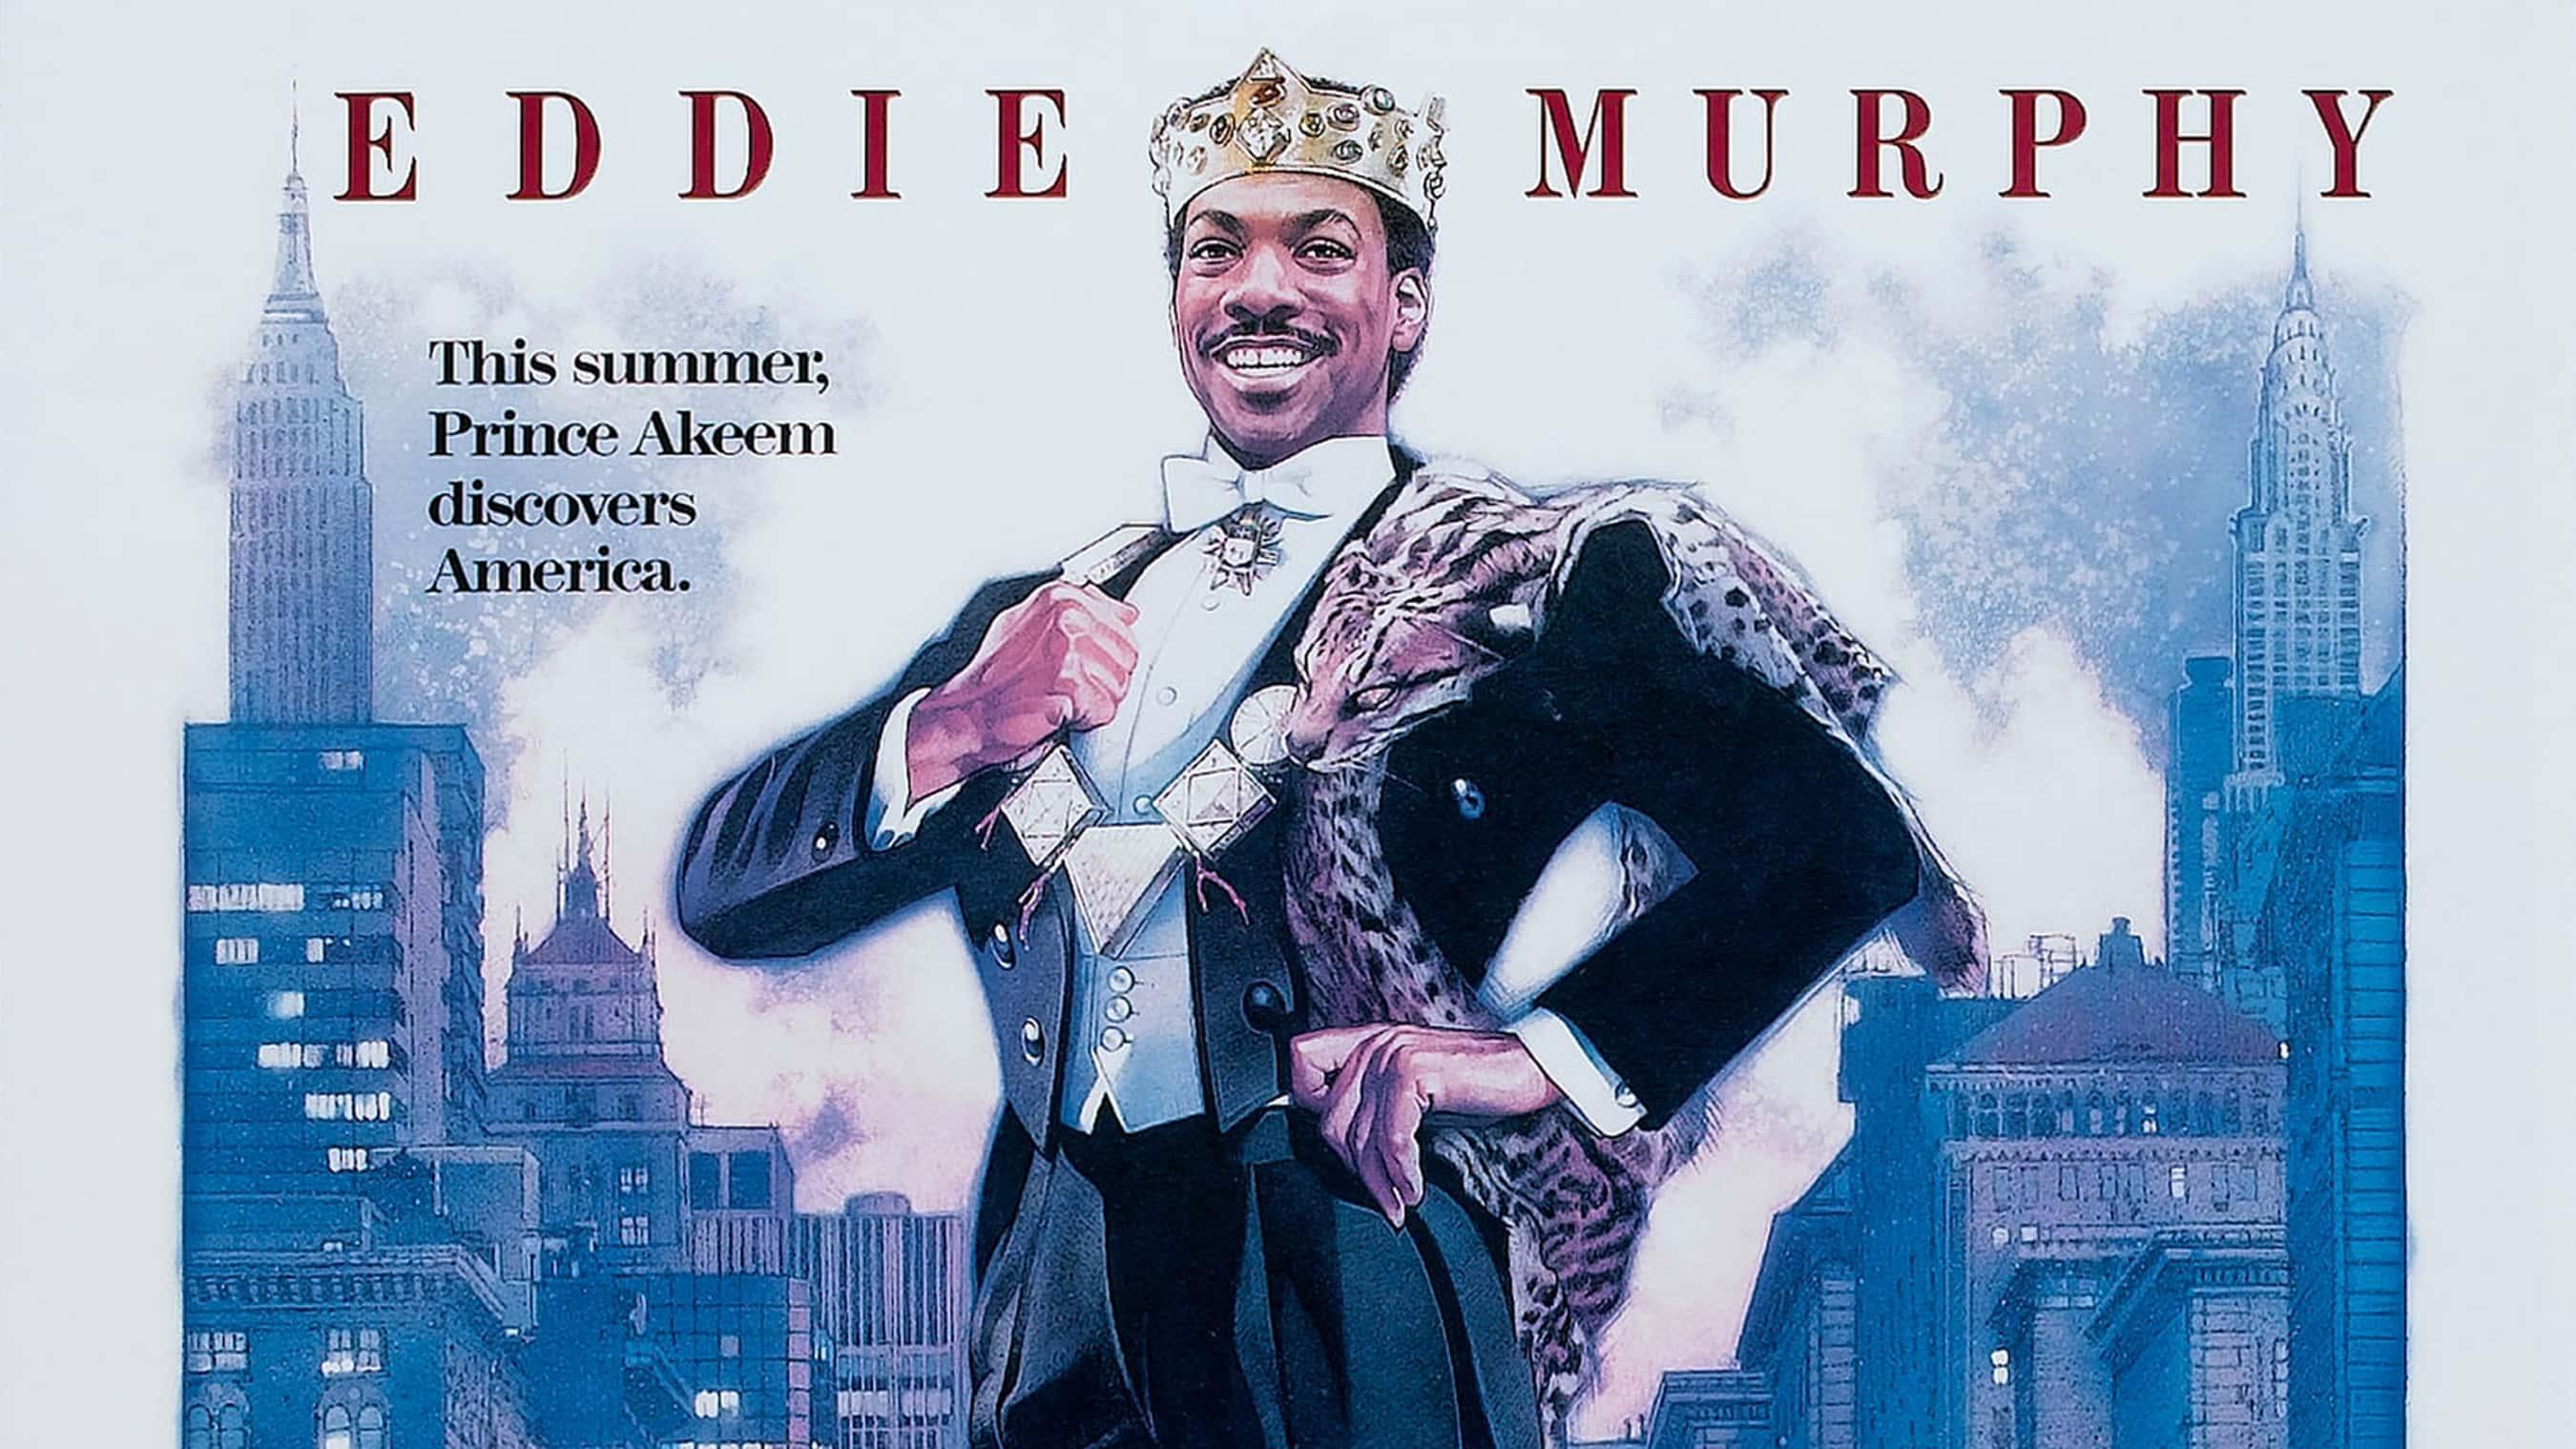 Eddie Murphy facts